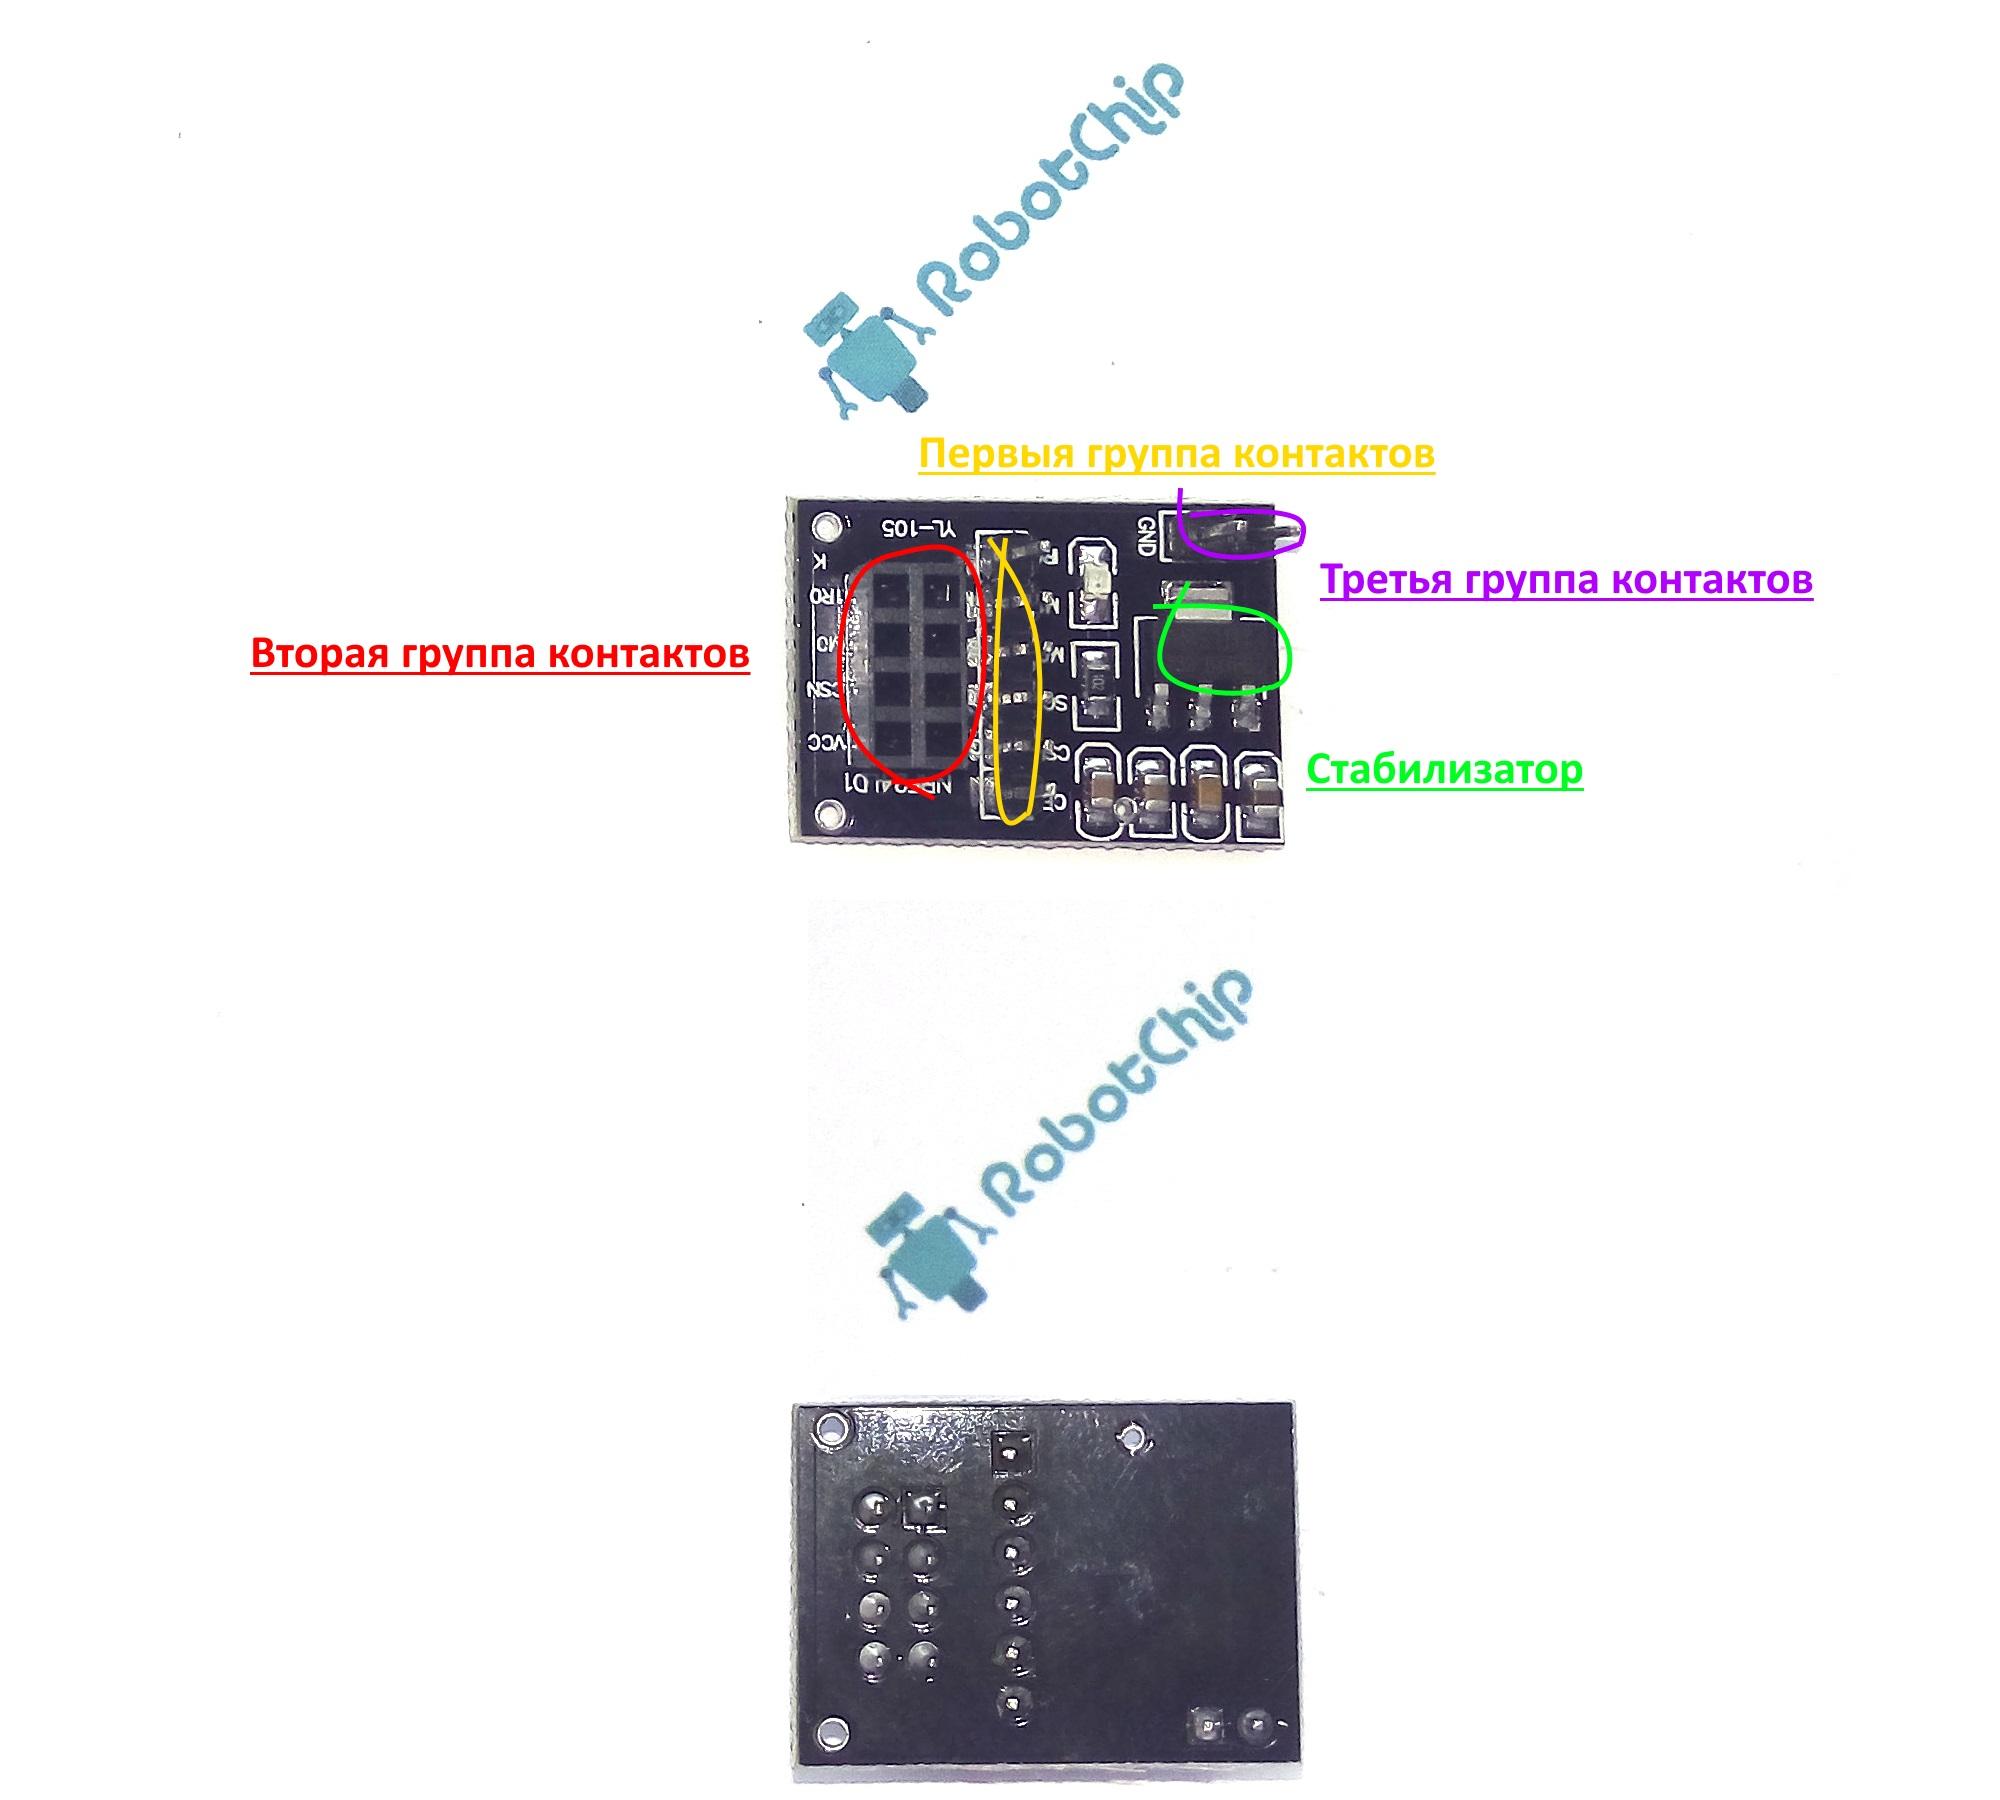 Обзор адаптера NRF24L01